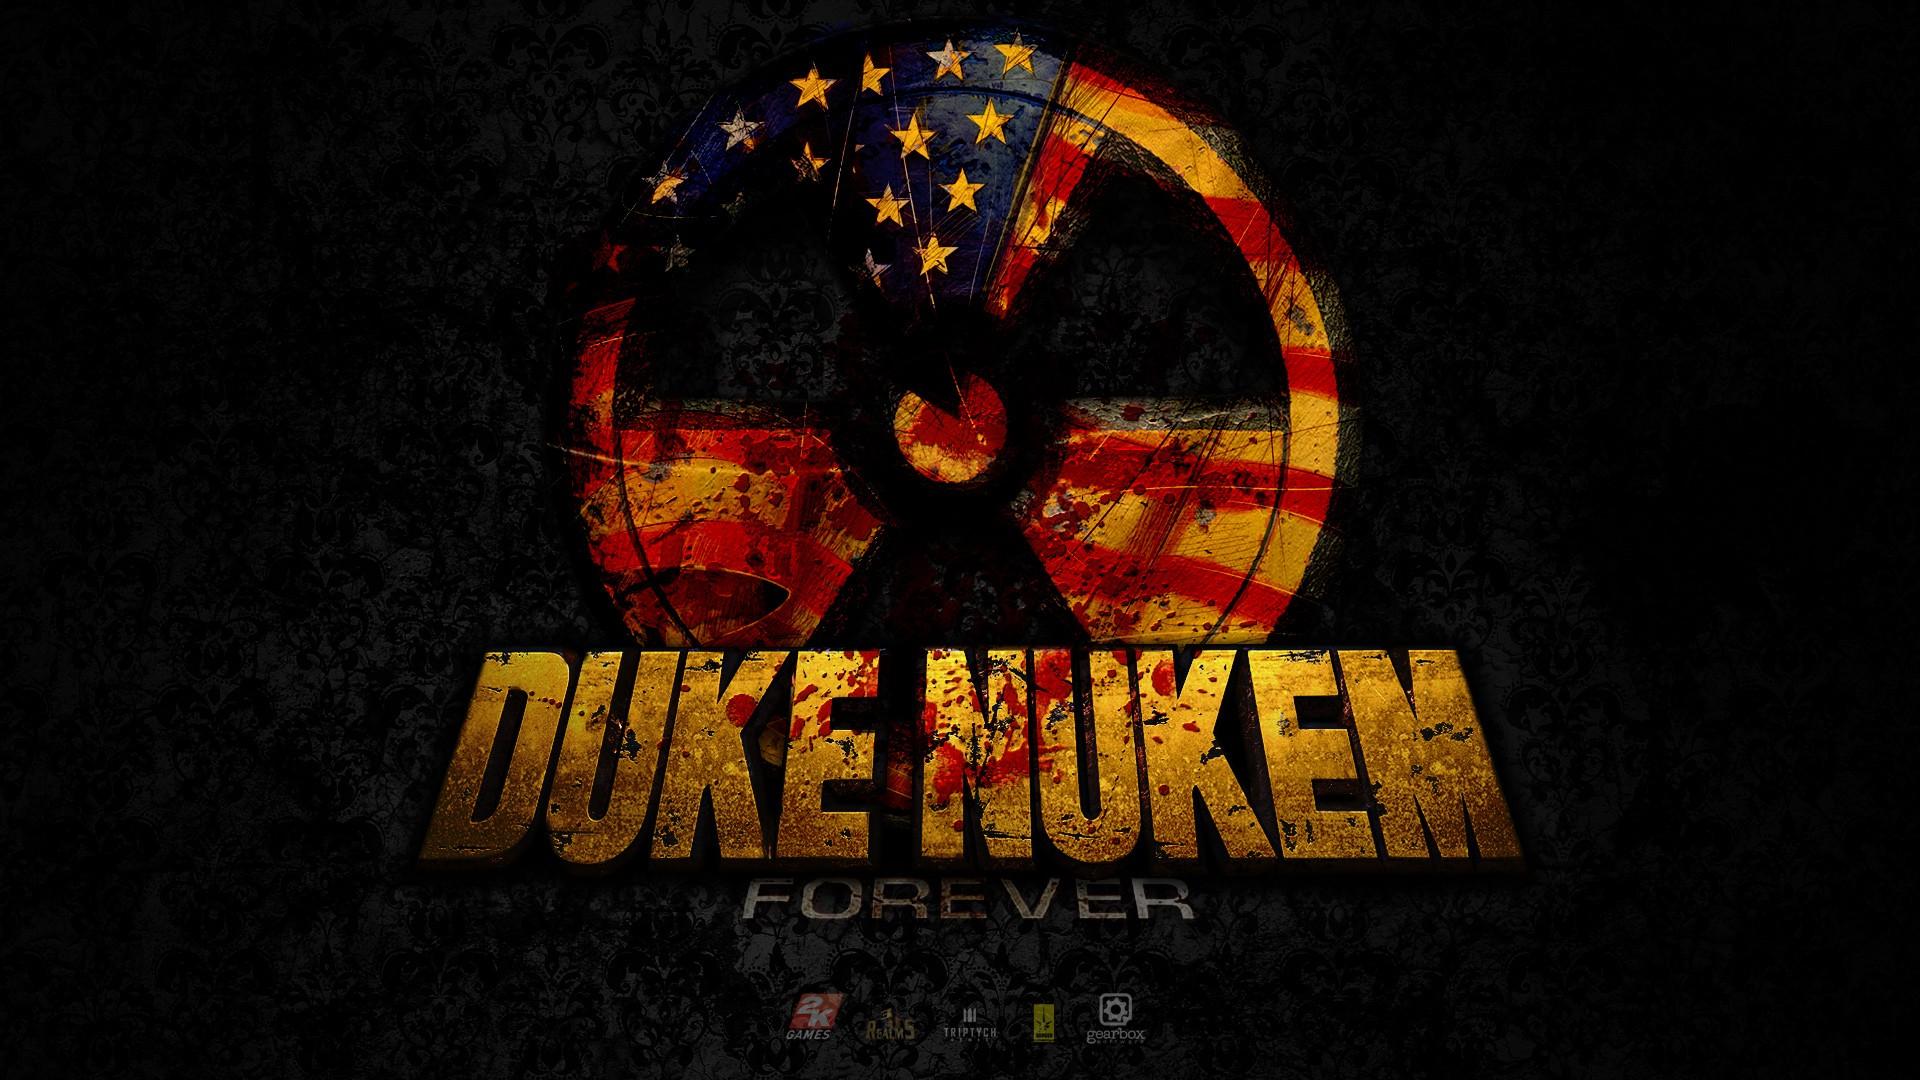 Duke Nukem Forever 2011 1920x1080 HD Image Games 1920x1080